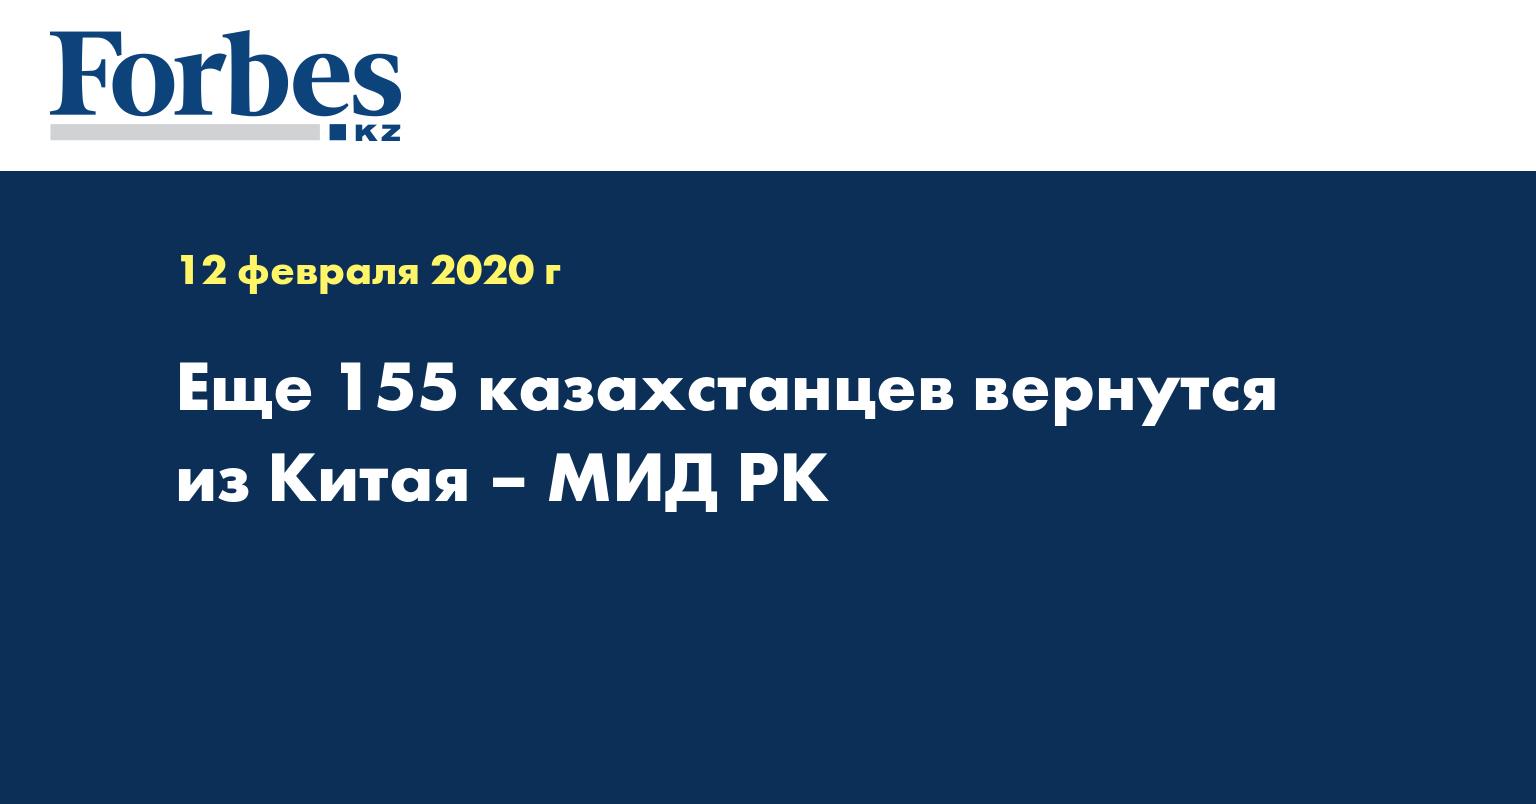 Еще 155 казахстанцев вернутся из Китая – МИД РК